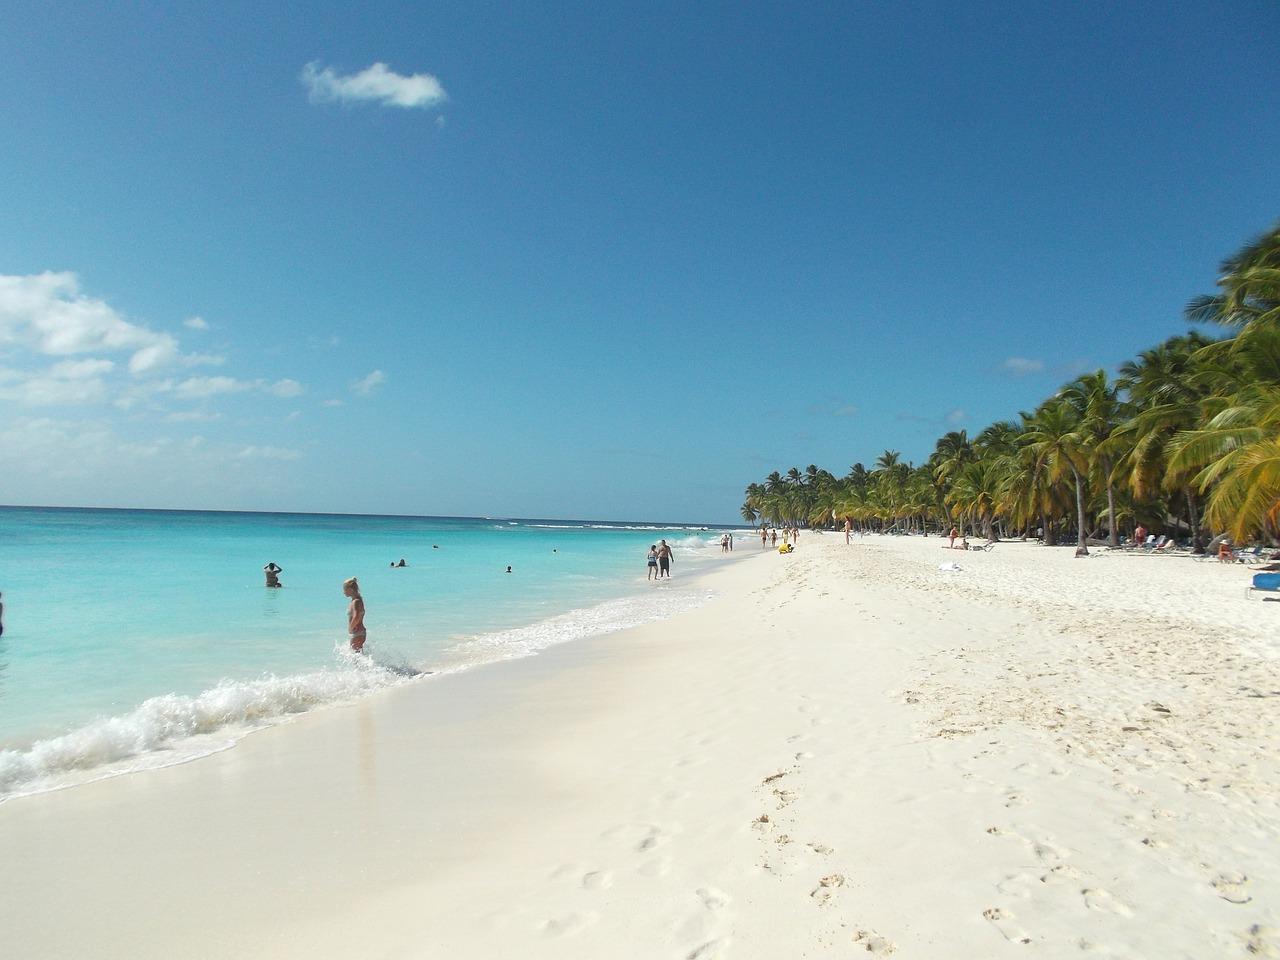 repubblica domenica spiagge